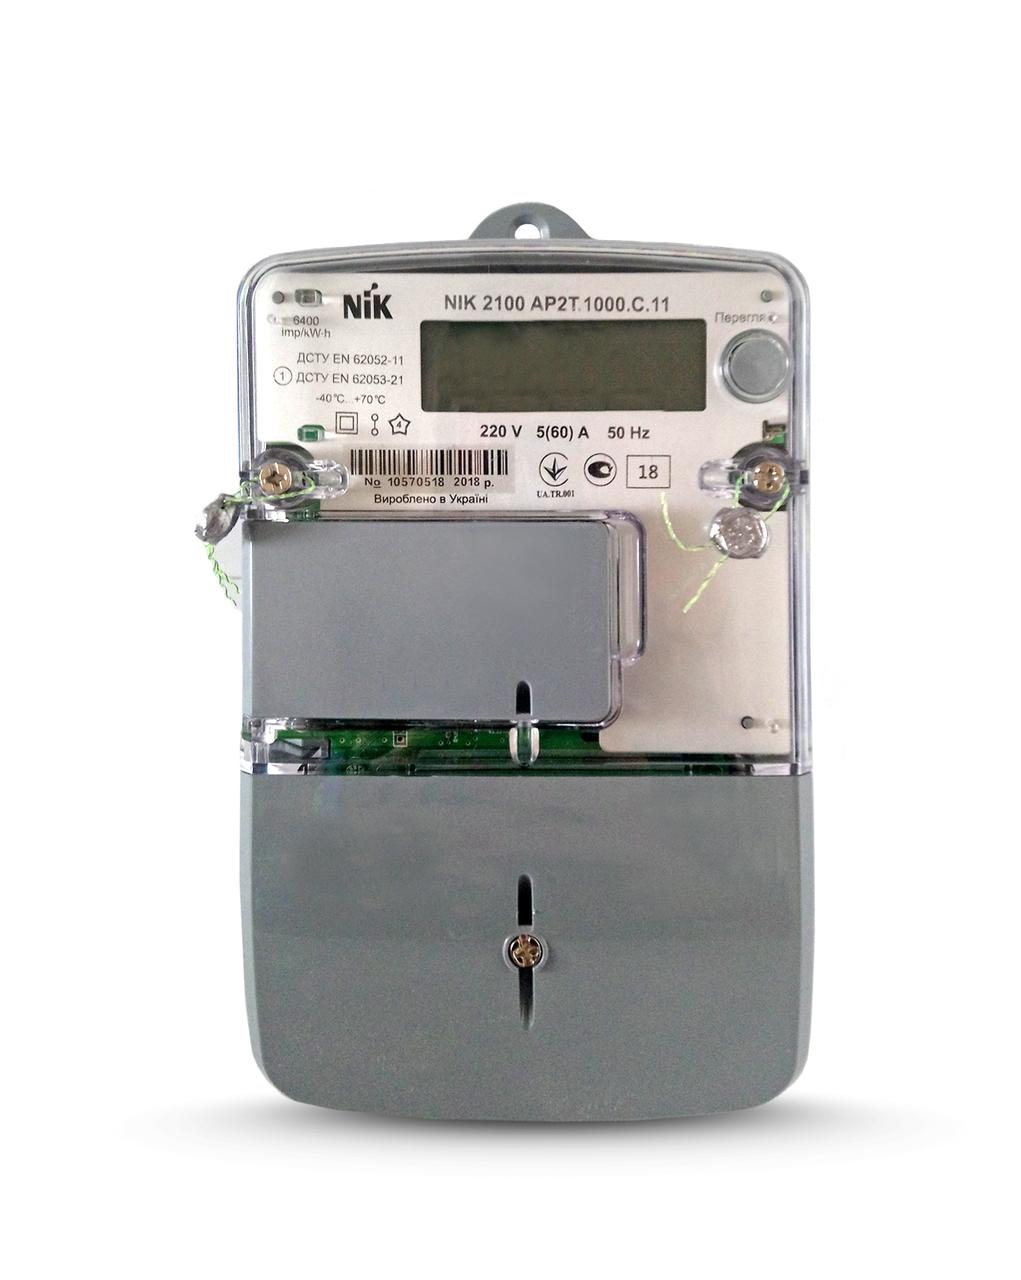 Электросчетчик NIK 2100 AP2T.1000.C.11 двухзонный однофазный (Аналог Ник 2102 01 Е2Т, Е2СТ)